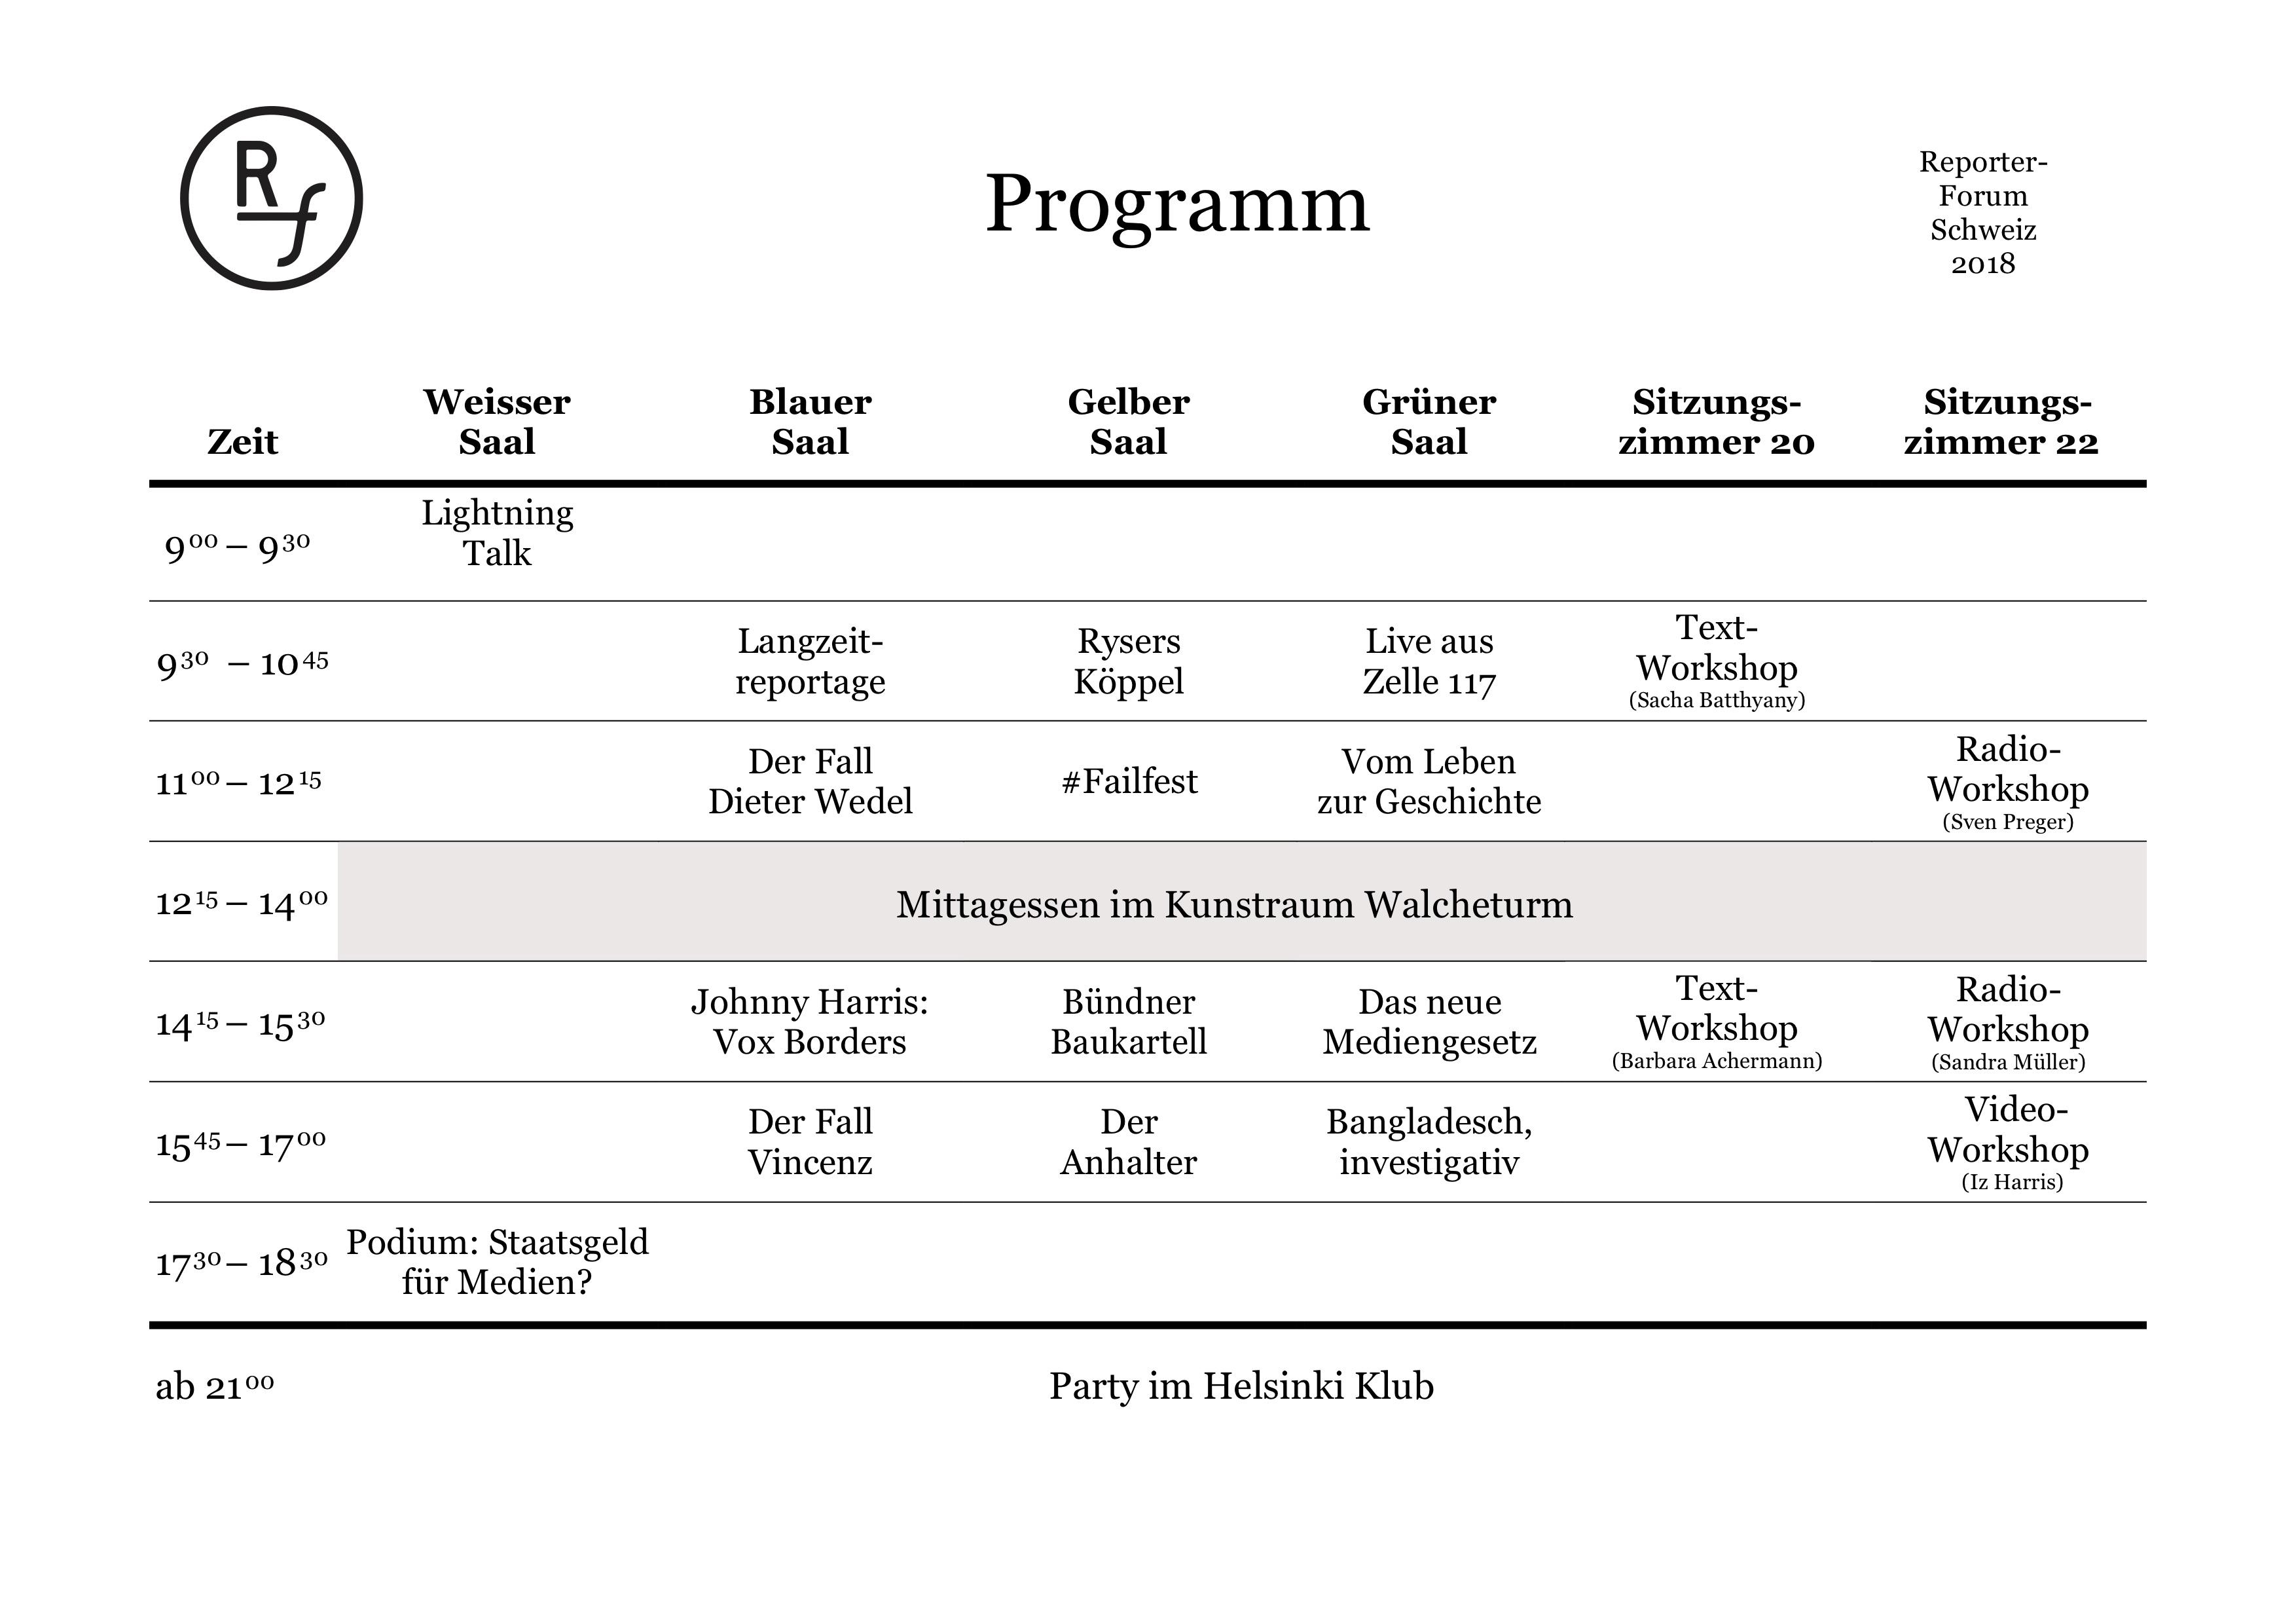 RFCH2018-Programm